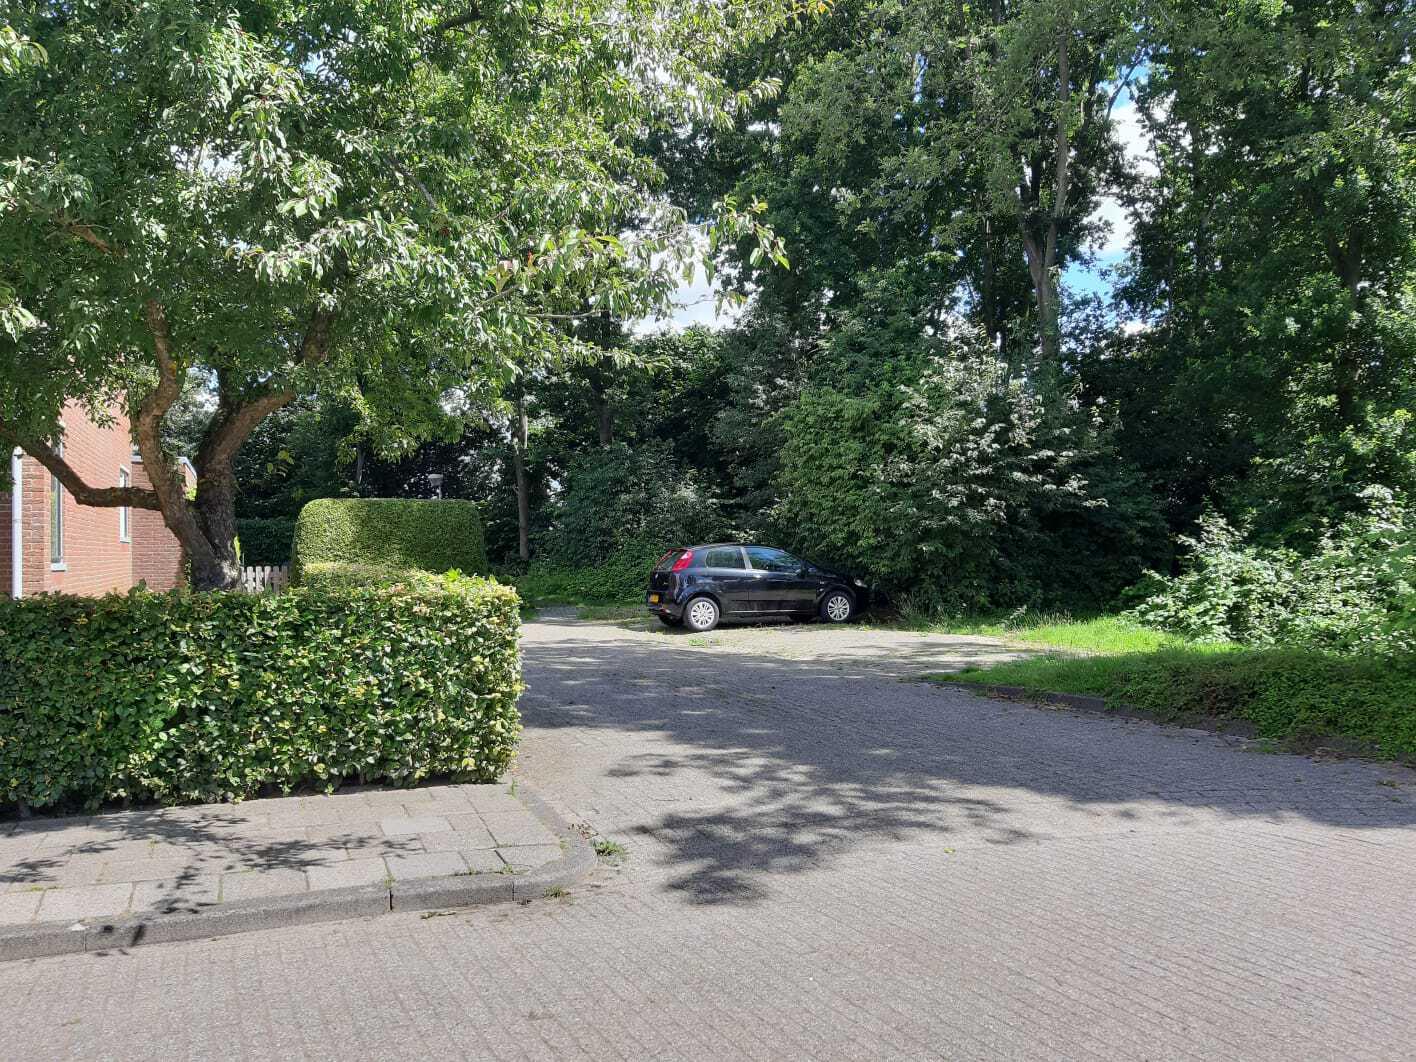 Schakelroute Waterlanders - Nagtegael via Zuidmaten